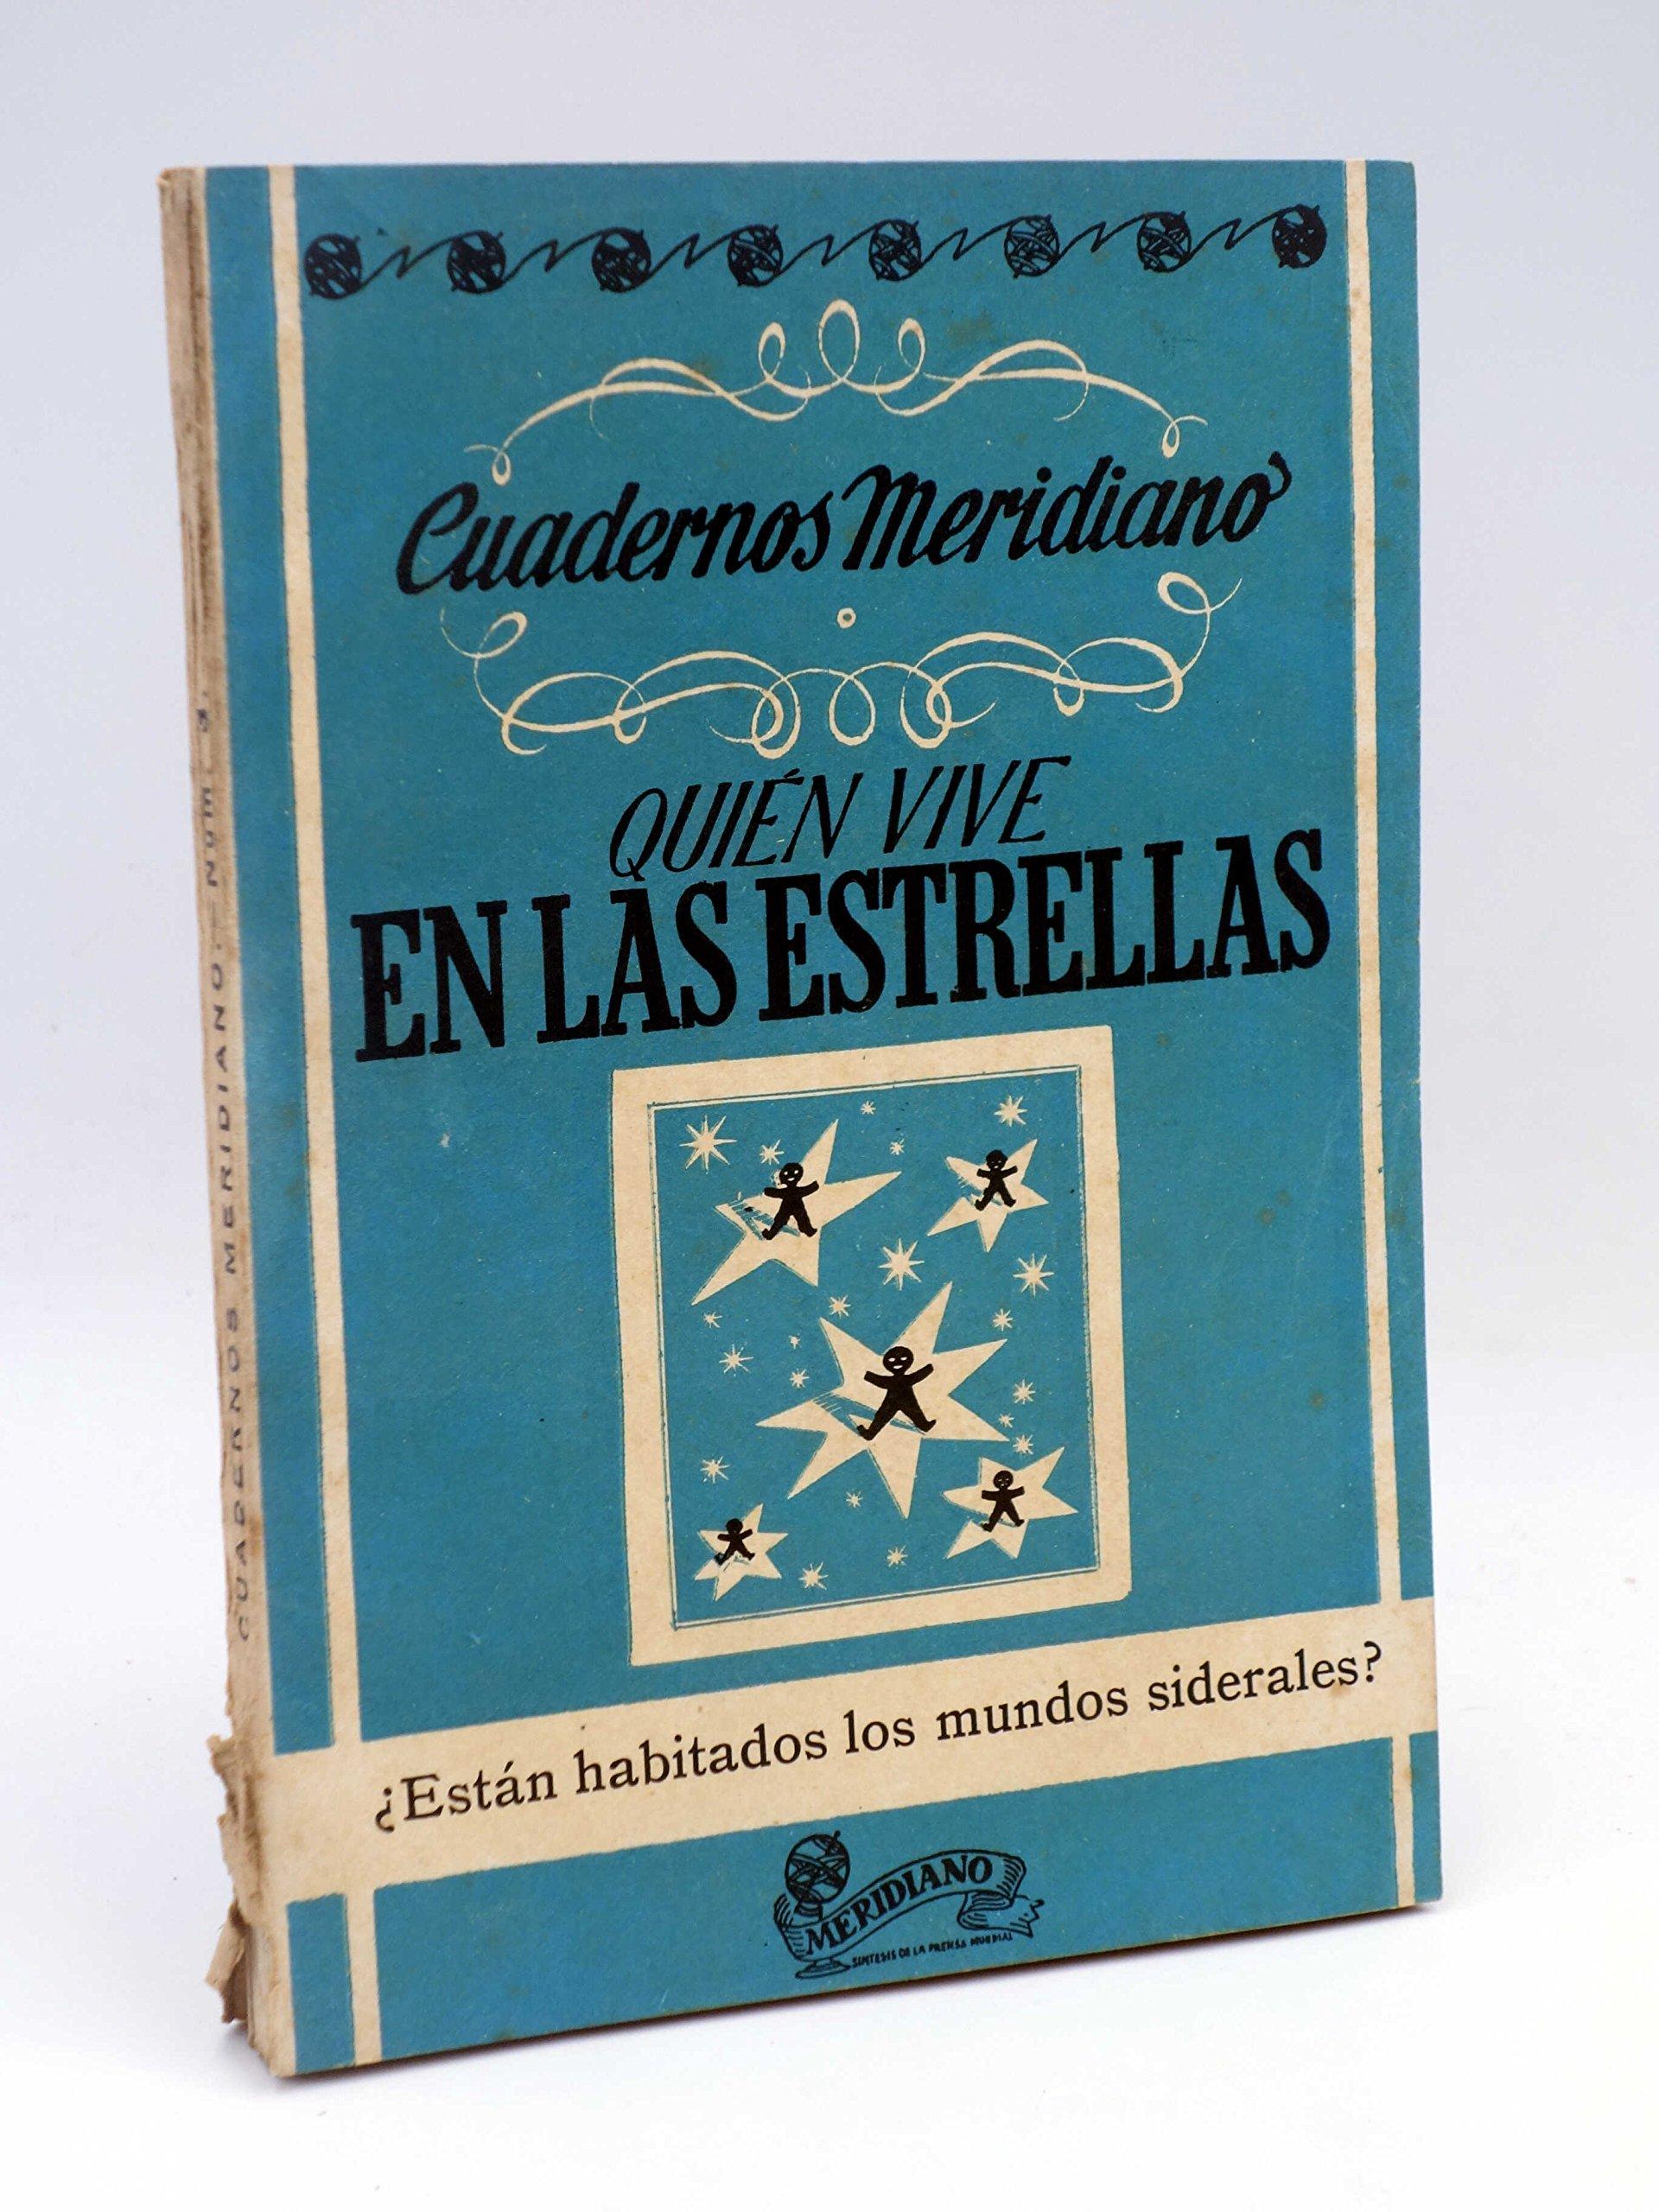 CUADERNOS MERIDIANO 3. Quien Vive En Las Estrellas. Saso: Amazon.es: Desiderius Papp: Libros